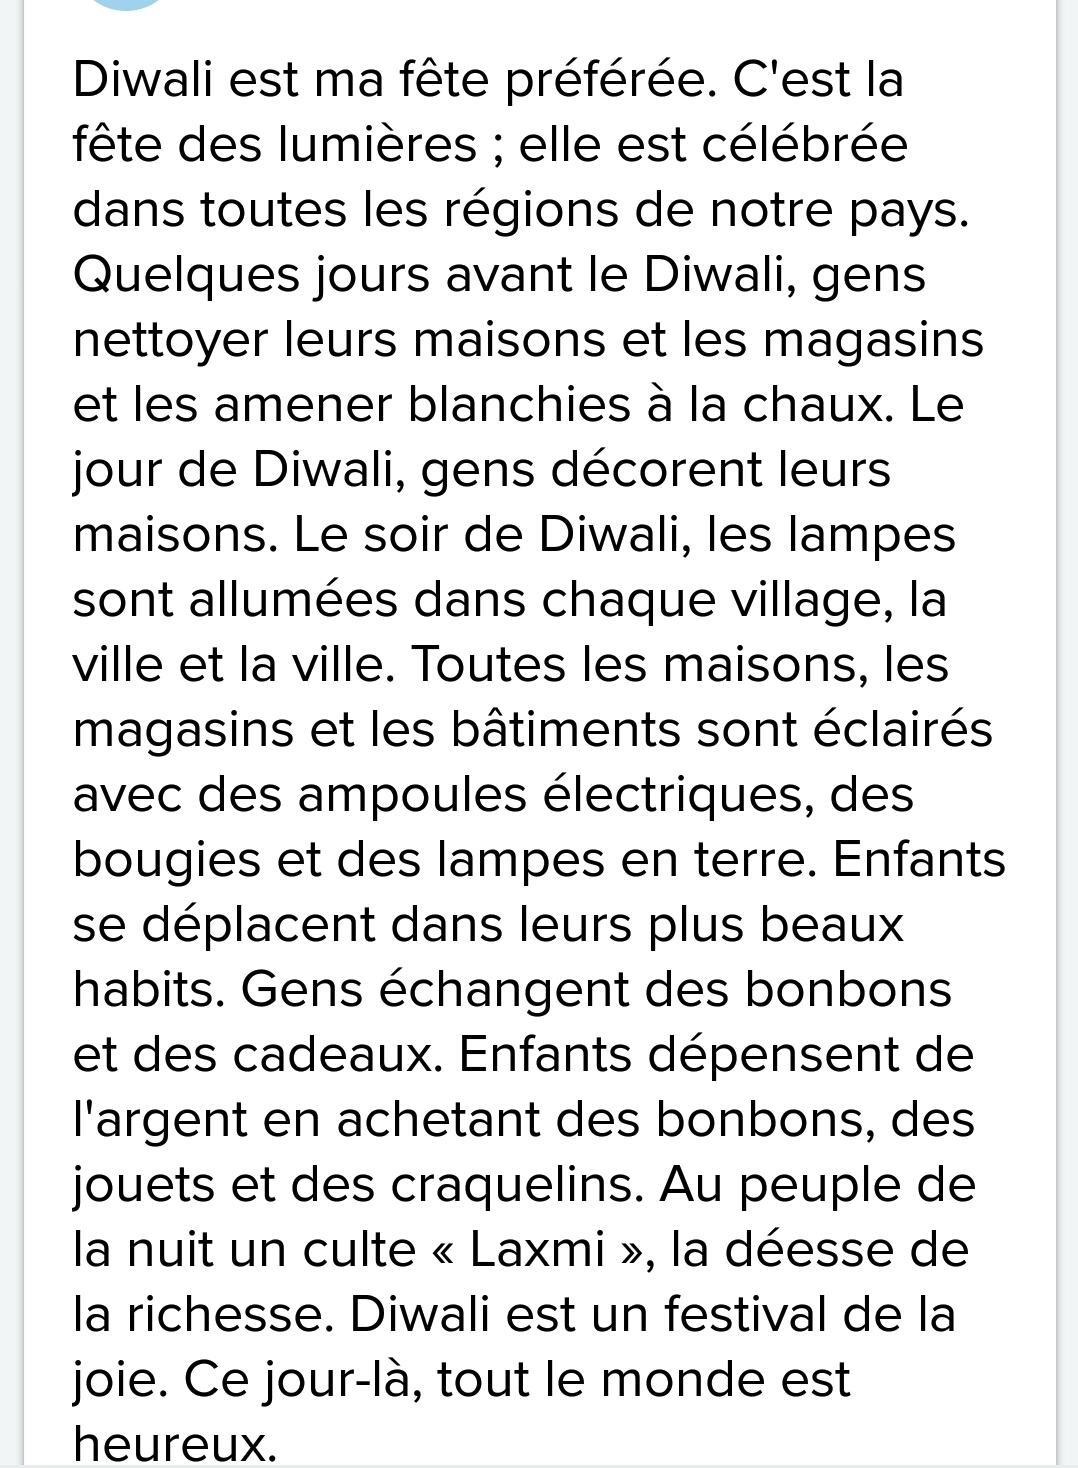 short essay on deepawali